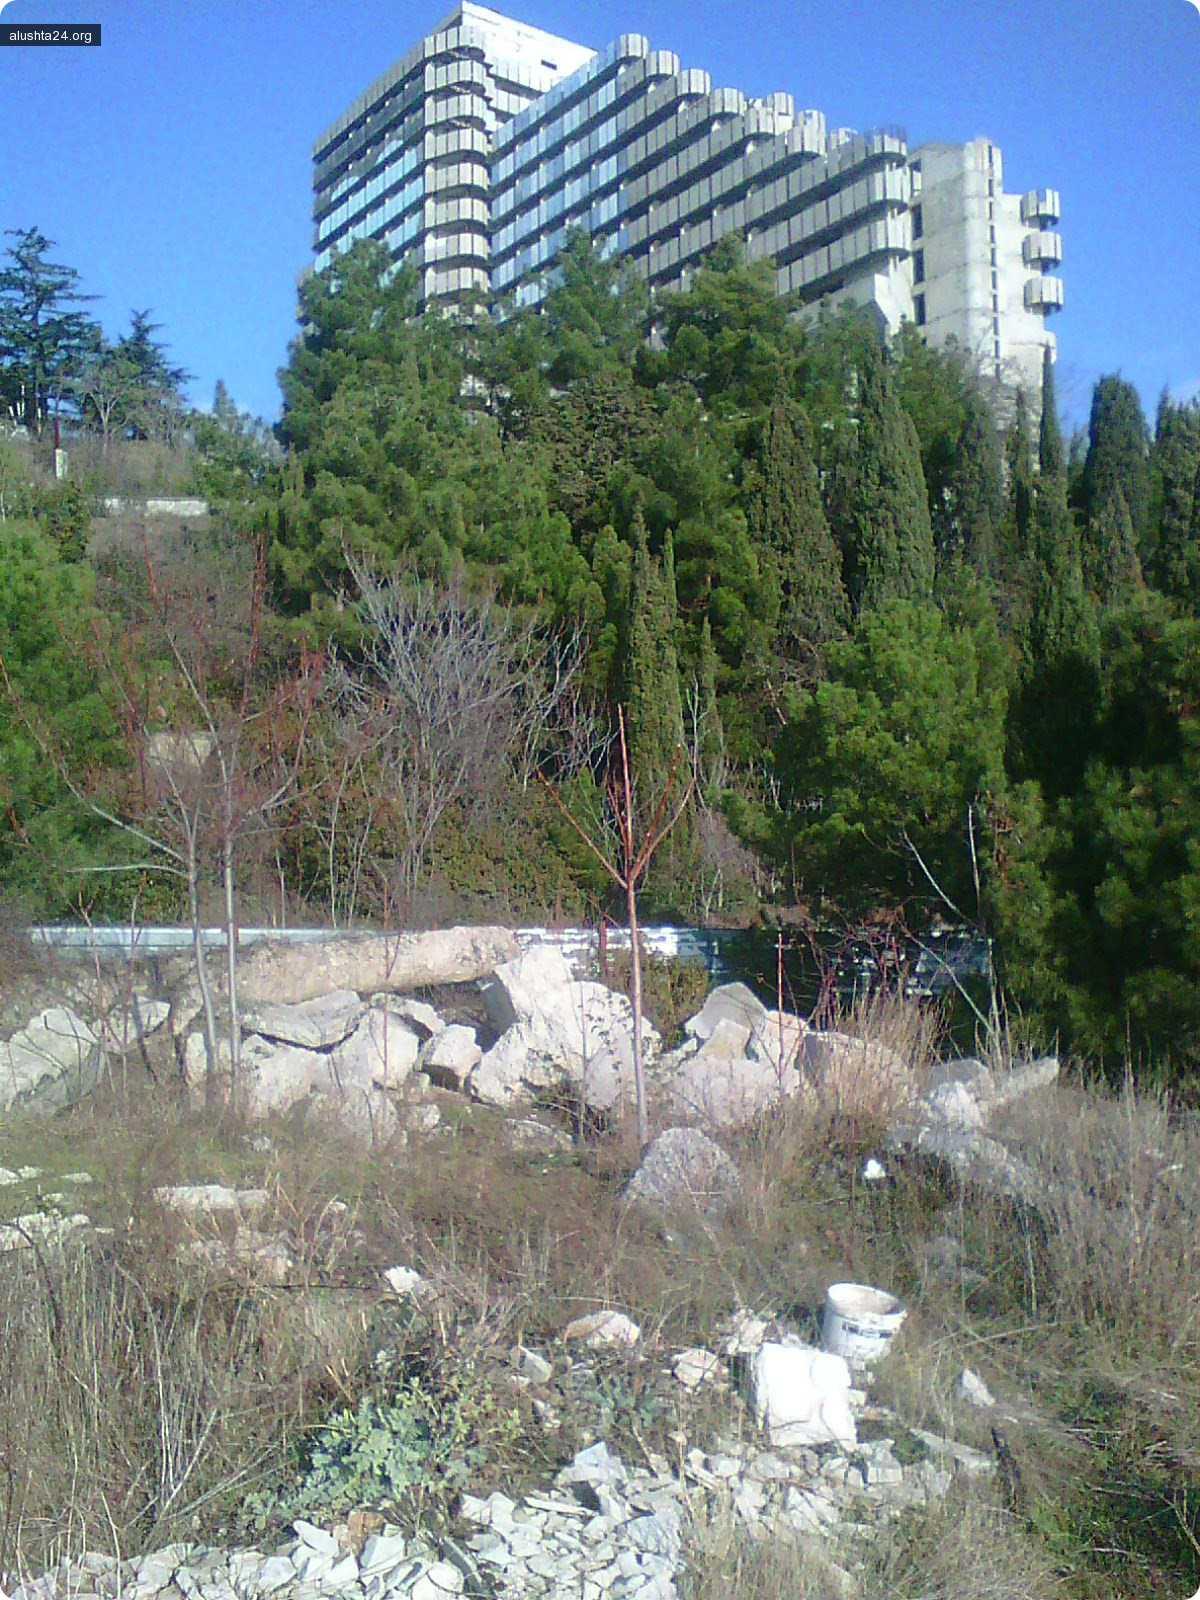 Блог им. crymlena: Мусорные пейзажи Ялты и Алушты. Несанкционированные свалки.